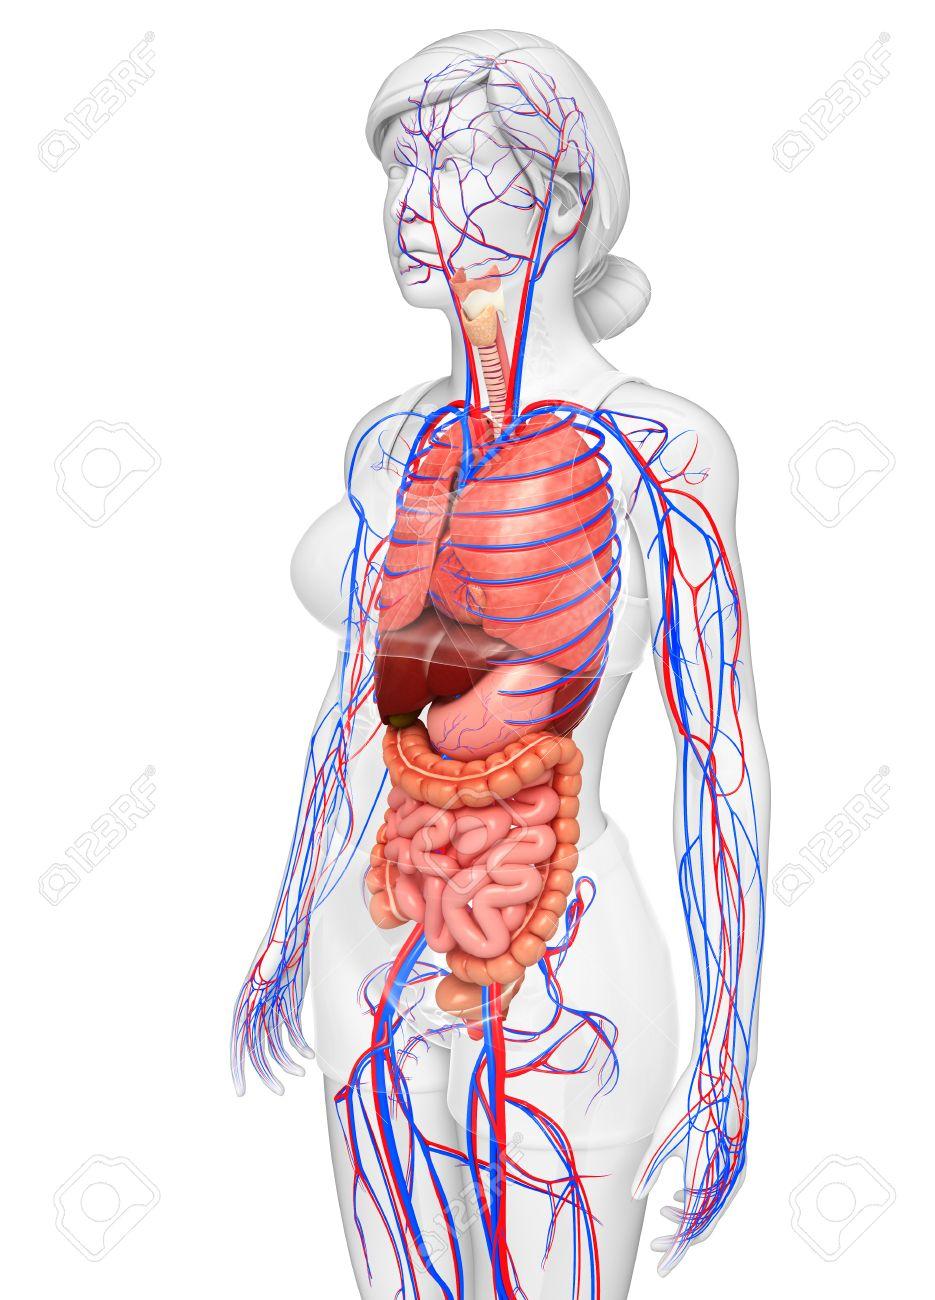 Groß Organe Des Weiblichen Körpers Fotos - Menschliche Anatomie ...